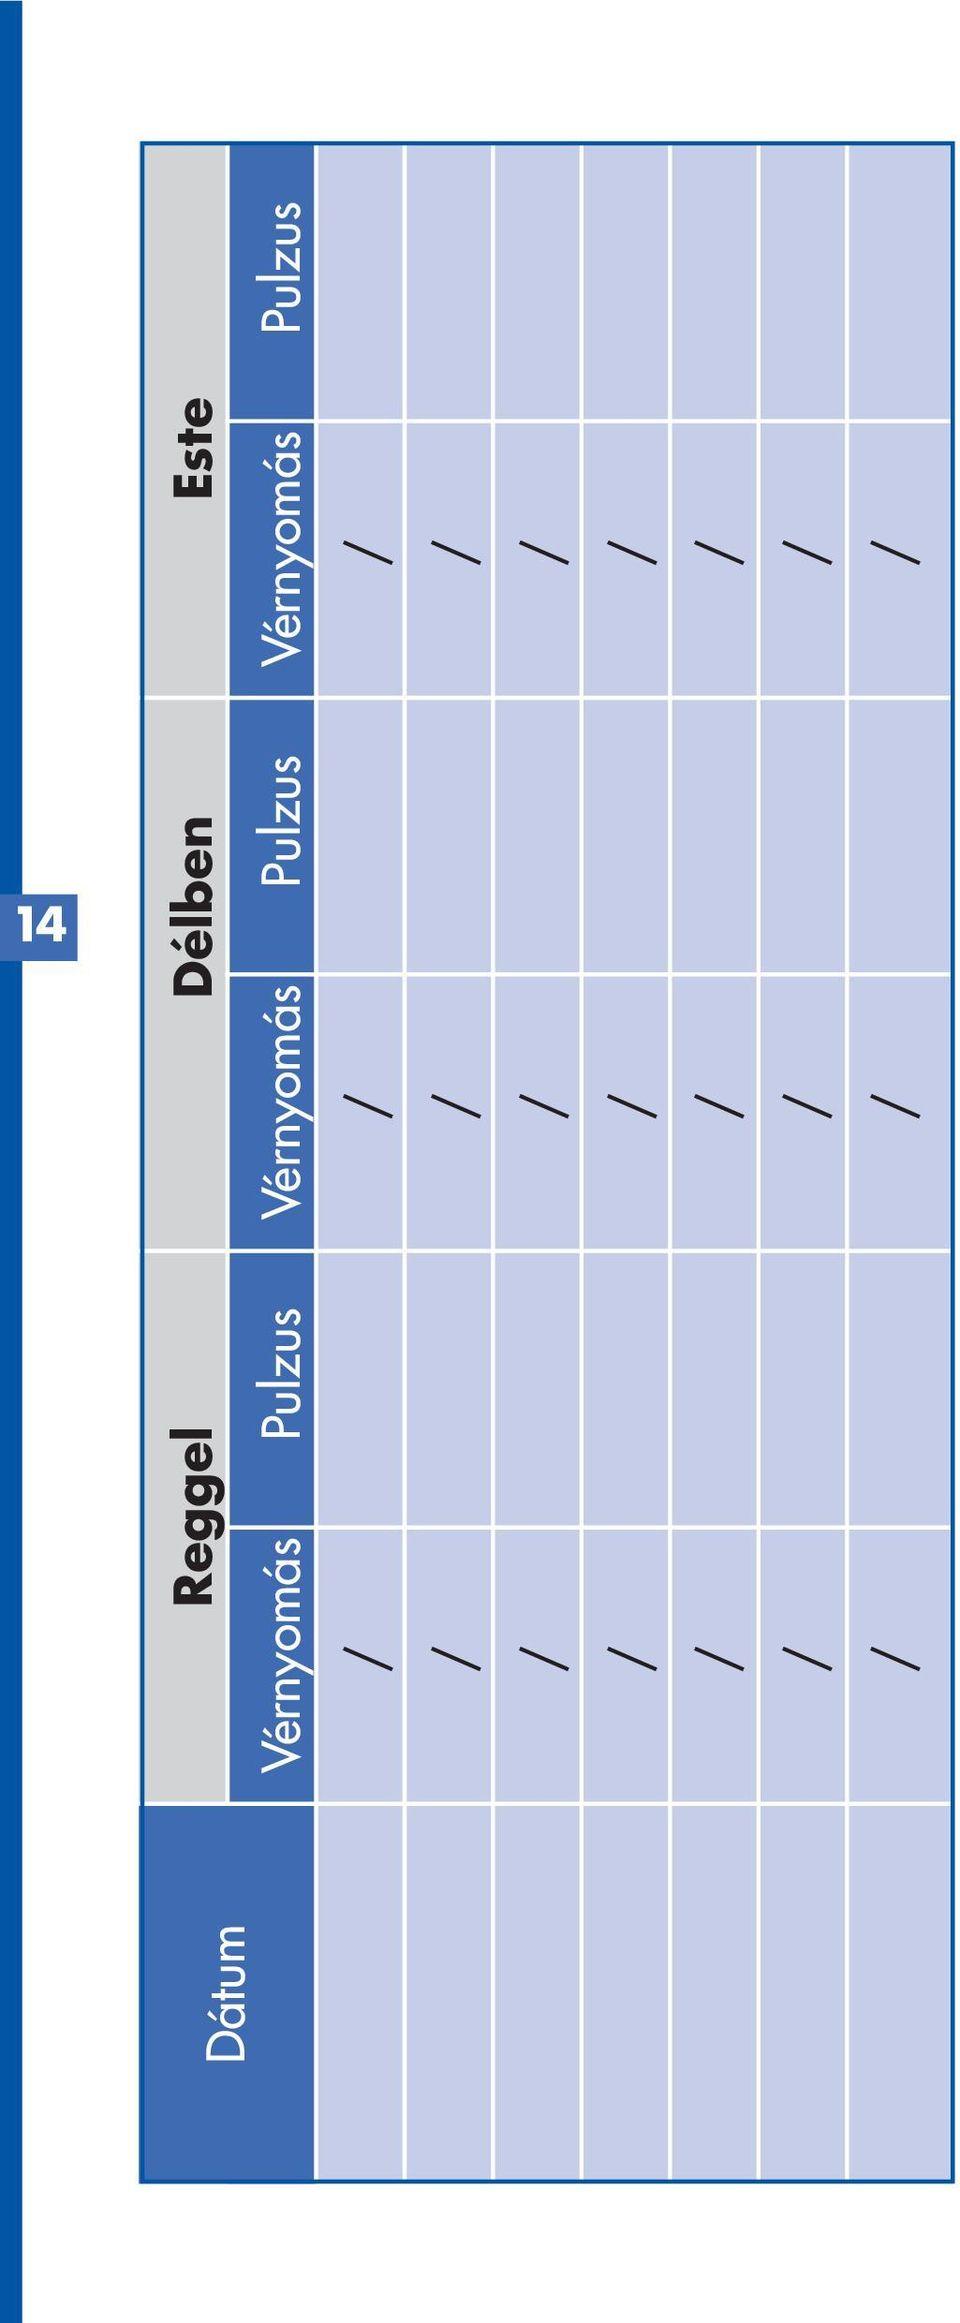 Magas a vérnyomása? Ingyenes kardionapló app segíthet - rakocziregiseg.hu